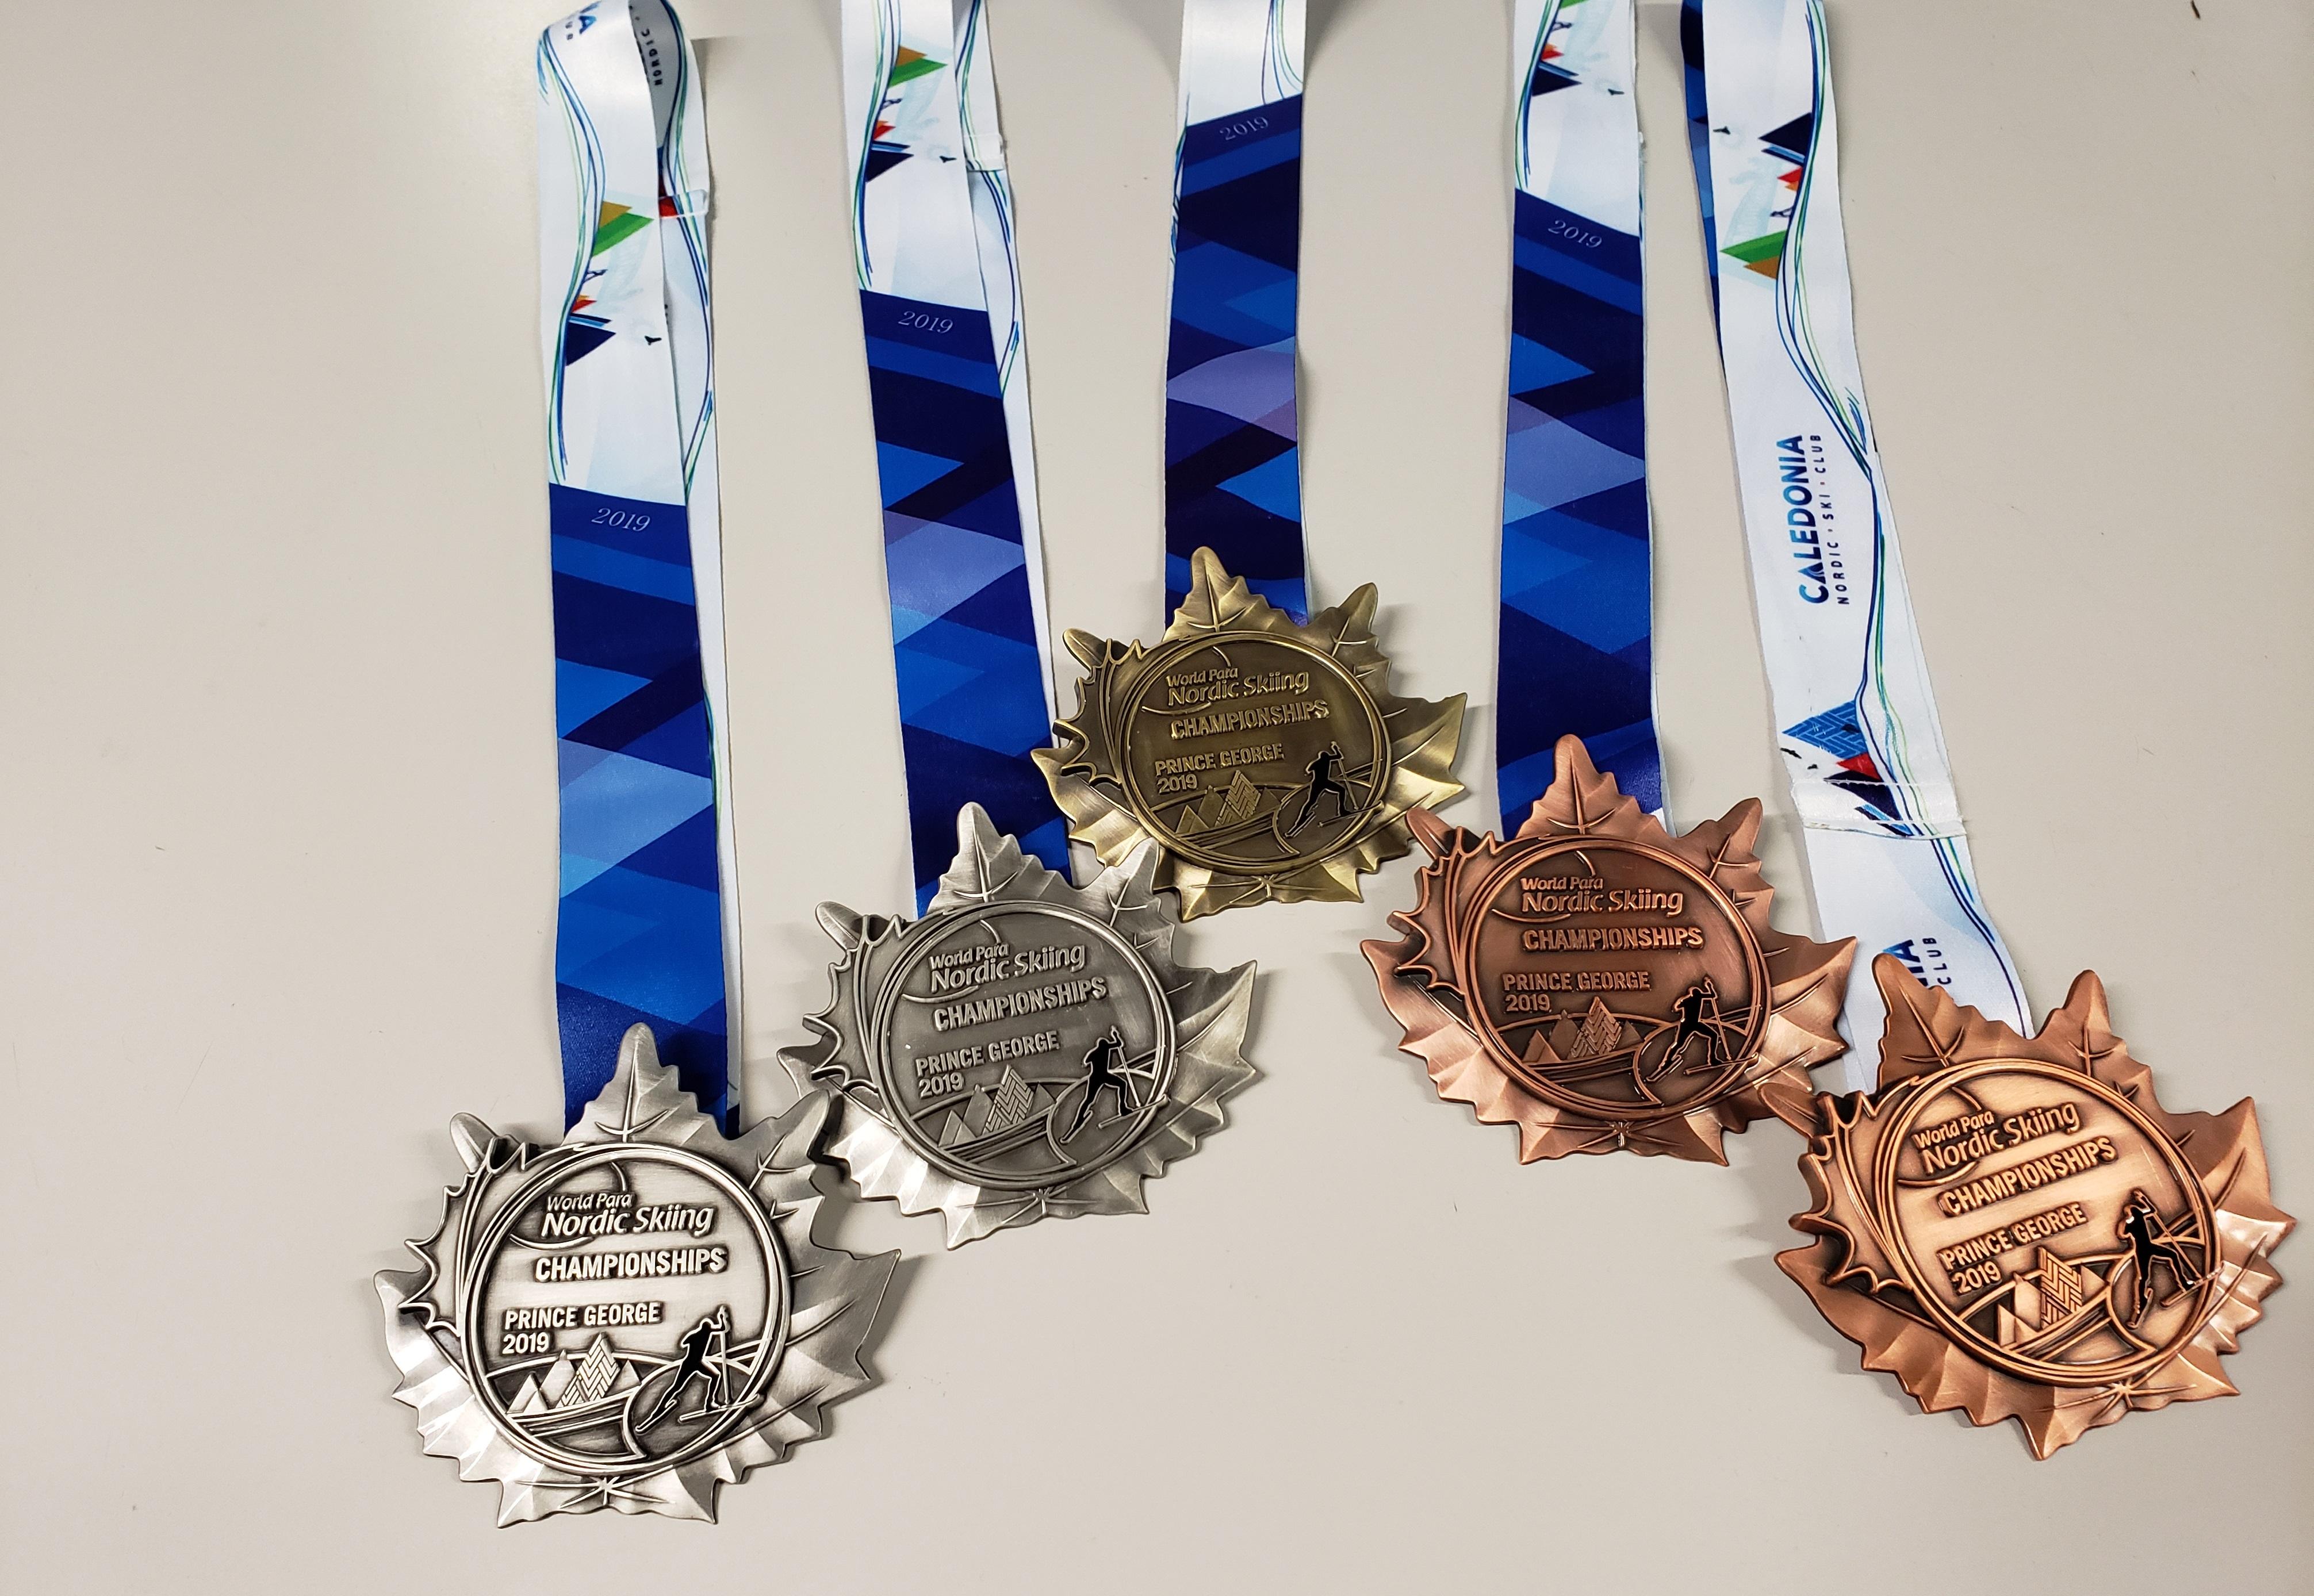 Тріумфатором чемпіонату світу повернулася в Україну національна паралімпійська збірна з біатлону та лижних гонок